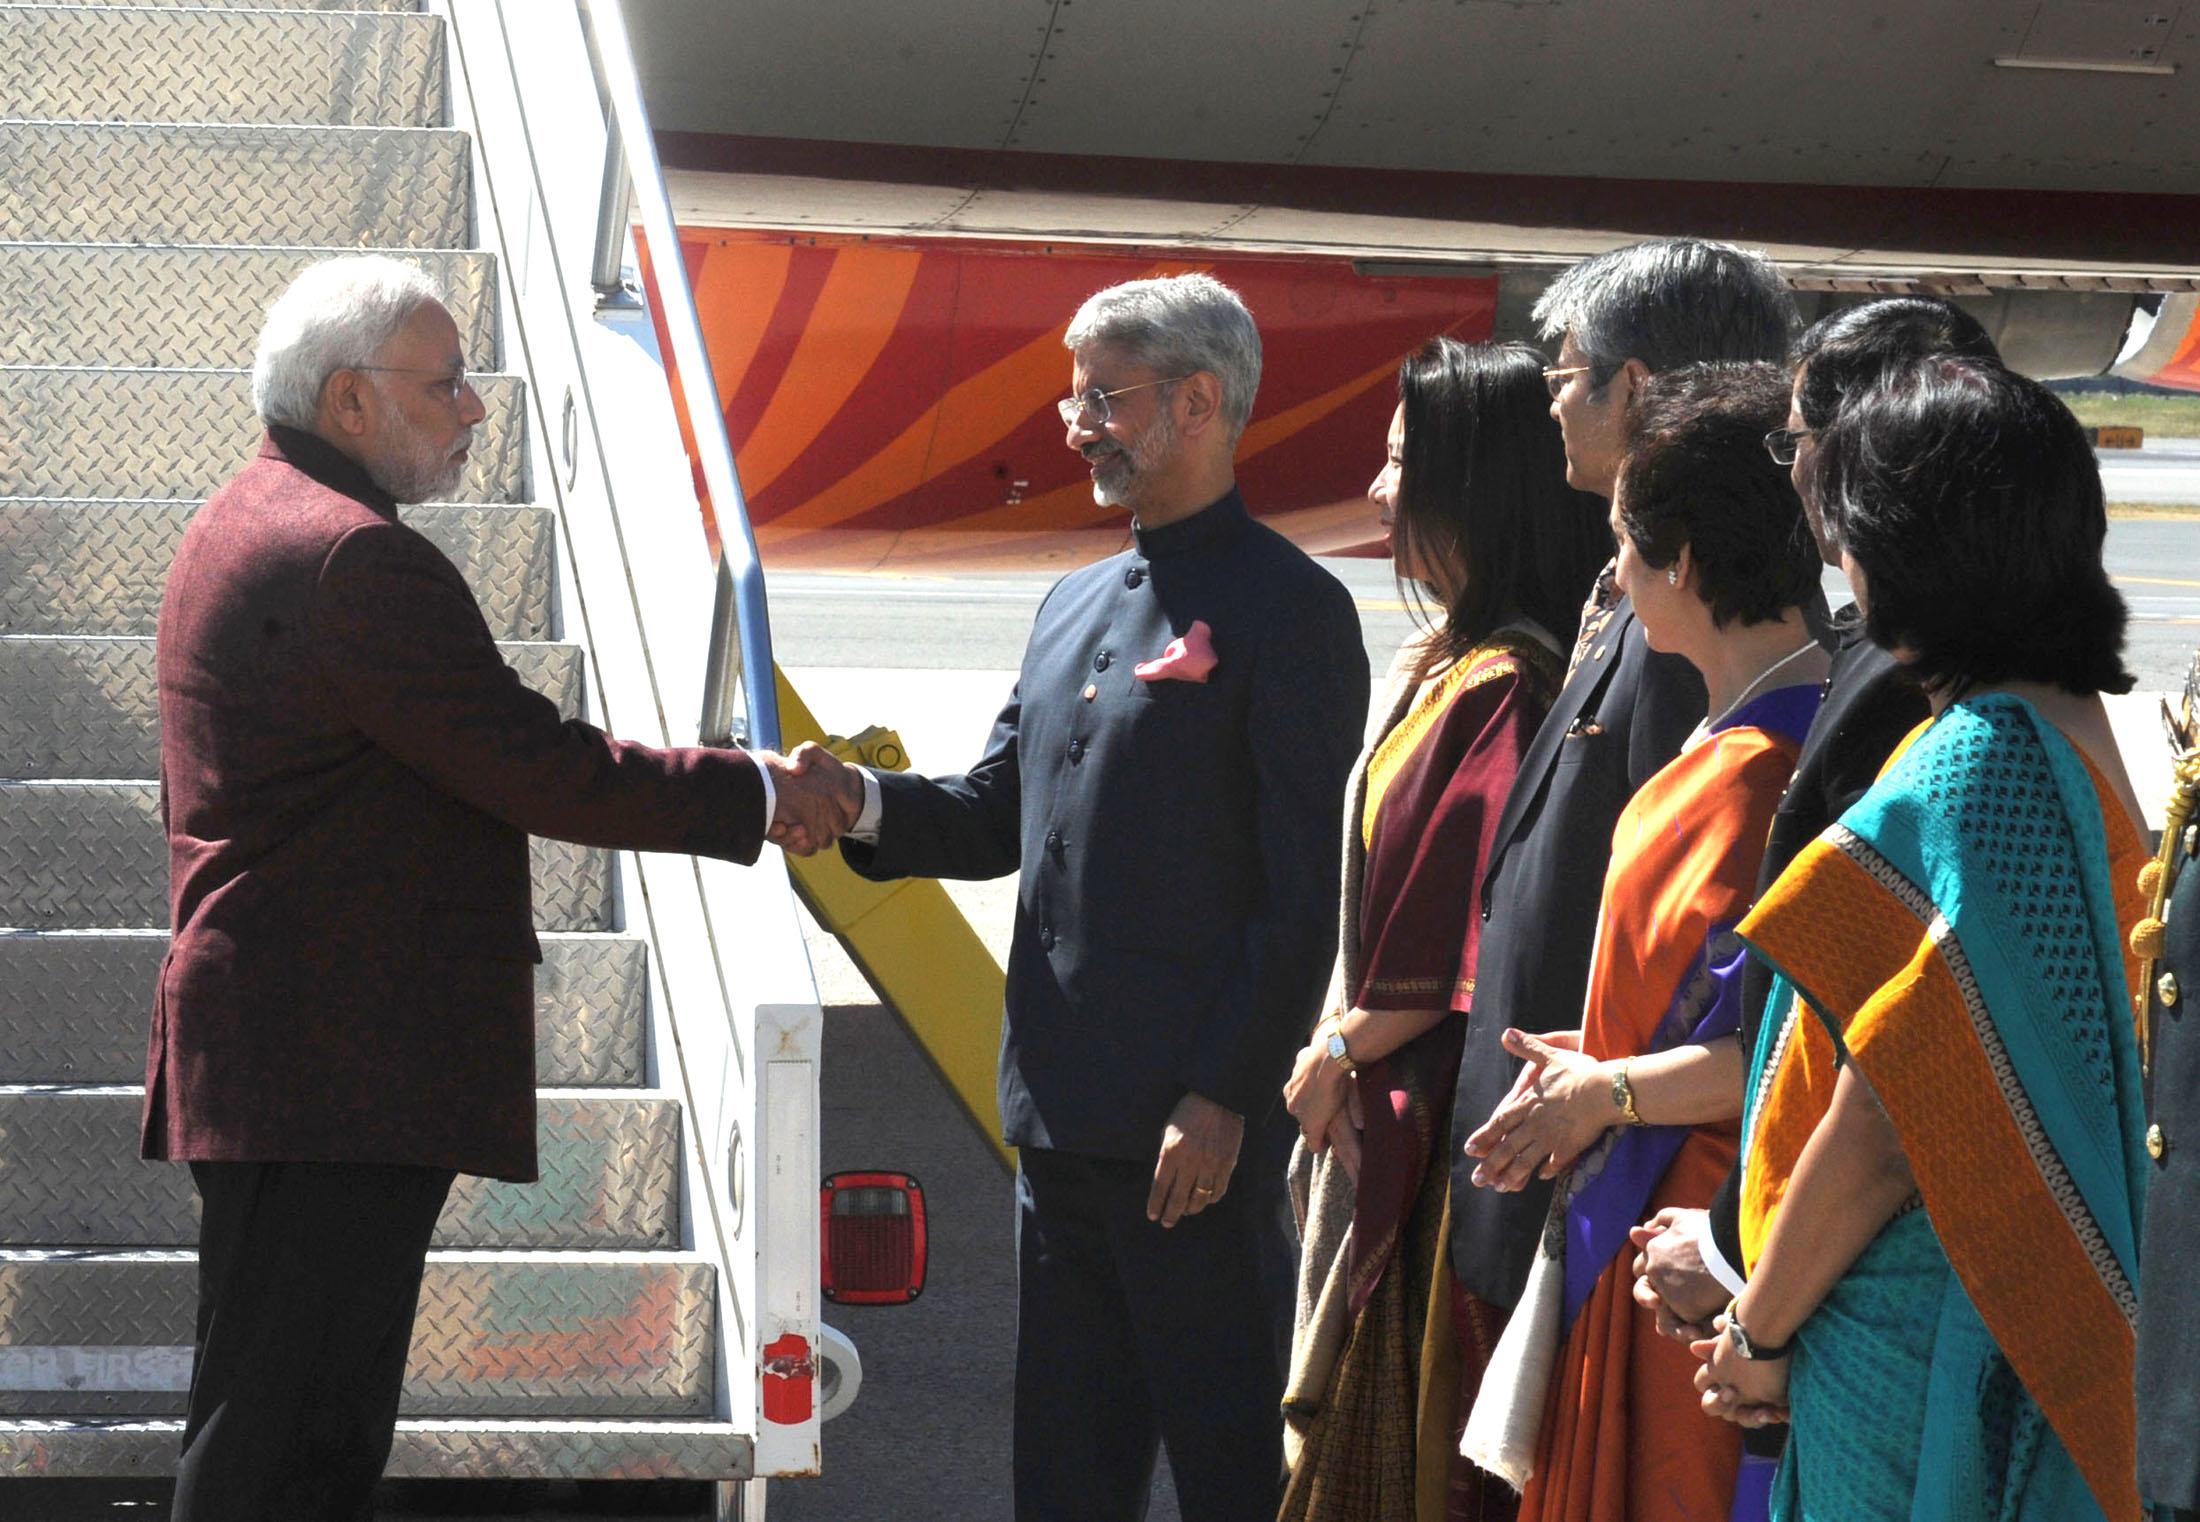 S Jaishankar, Minister of External Affairs, Foreign minister, Prime Minister, Narendra Modi, NewsMobile, Mobile, News, India